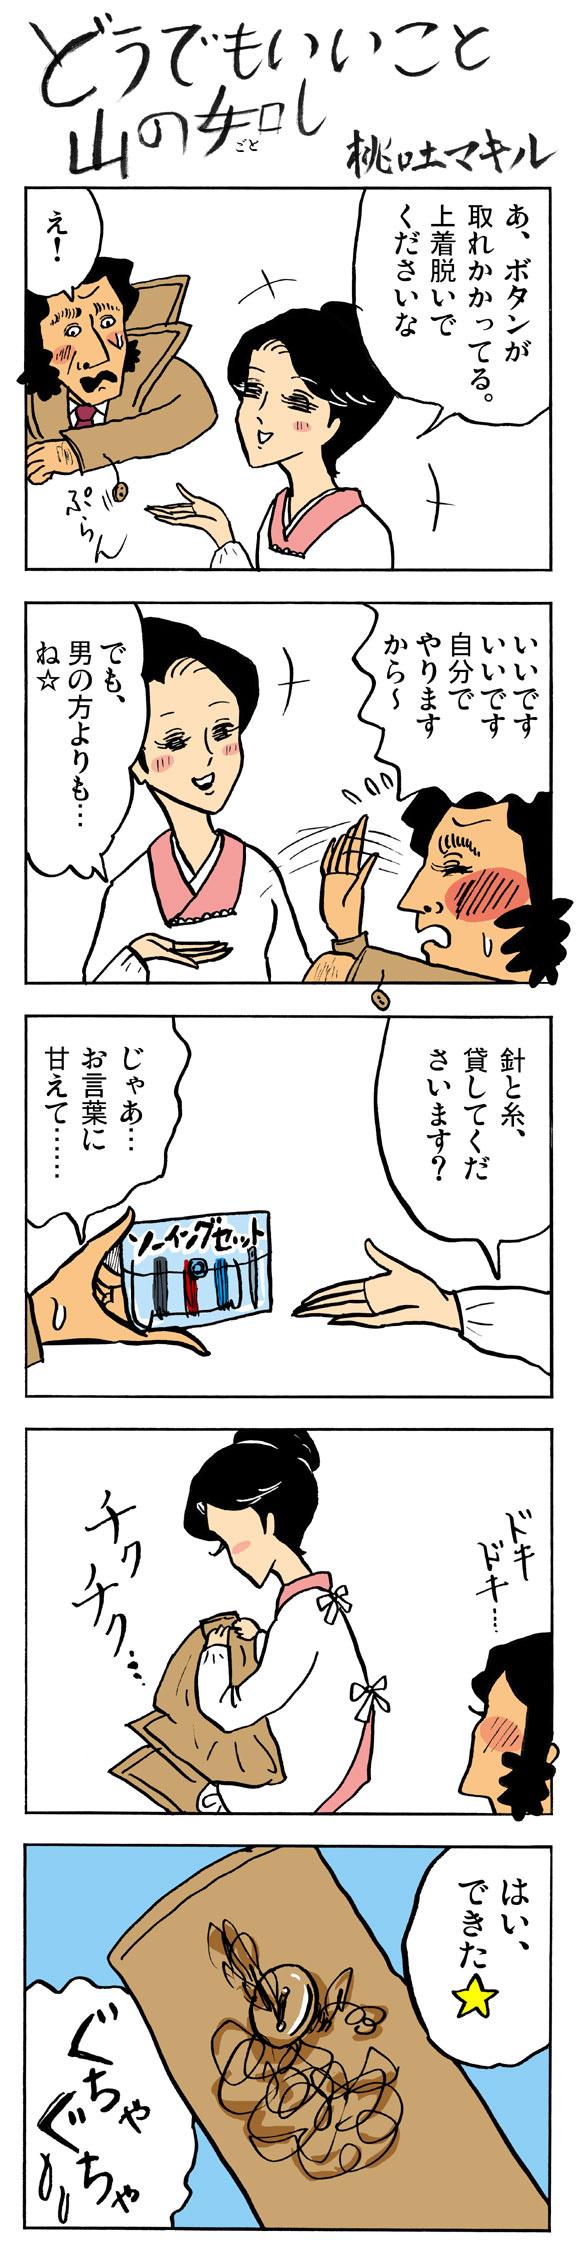 【まんが】どうでもいいこと山の如し「第141話:小料理屋の女将の如し」 by 桃吐マキル